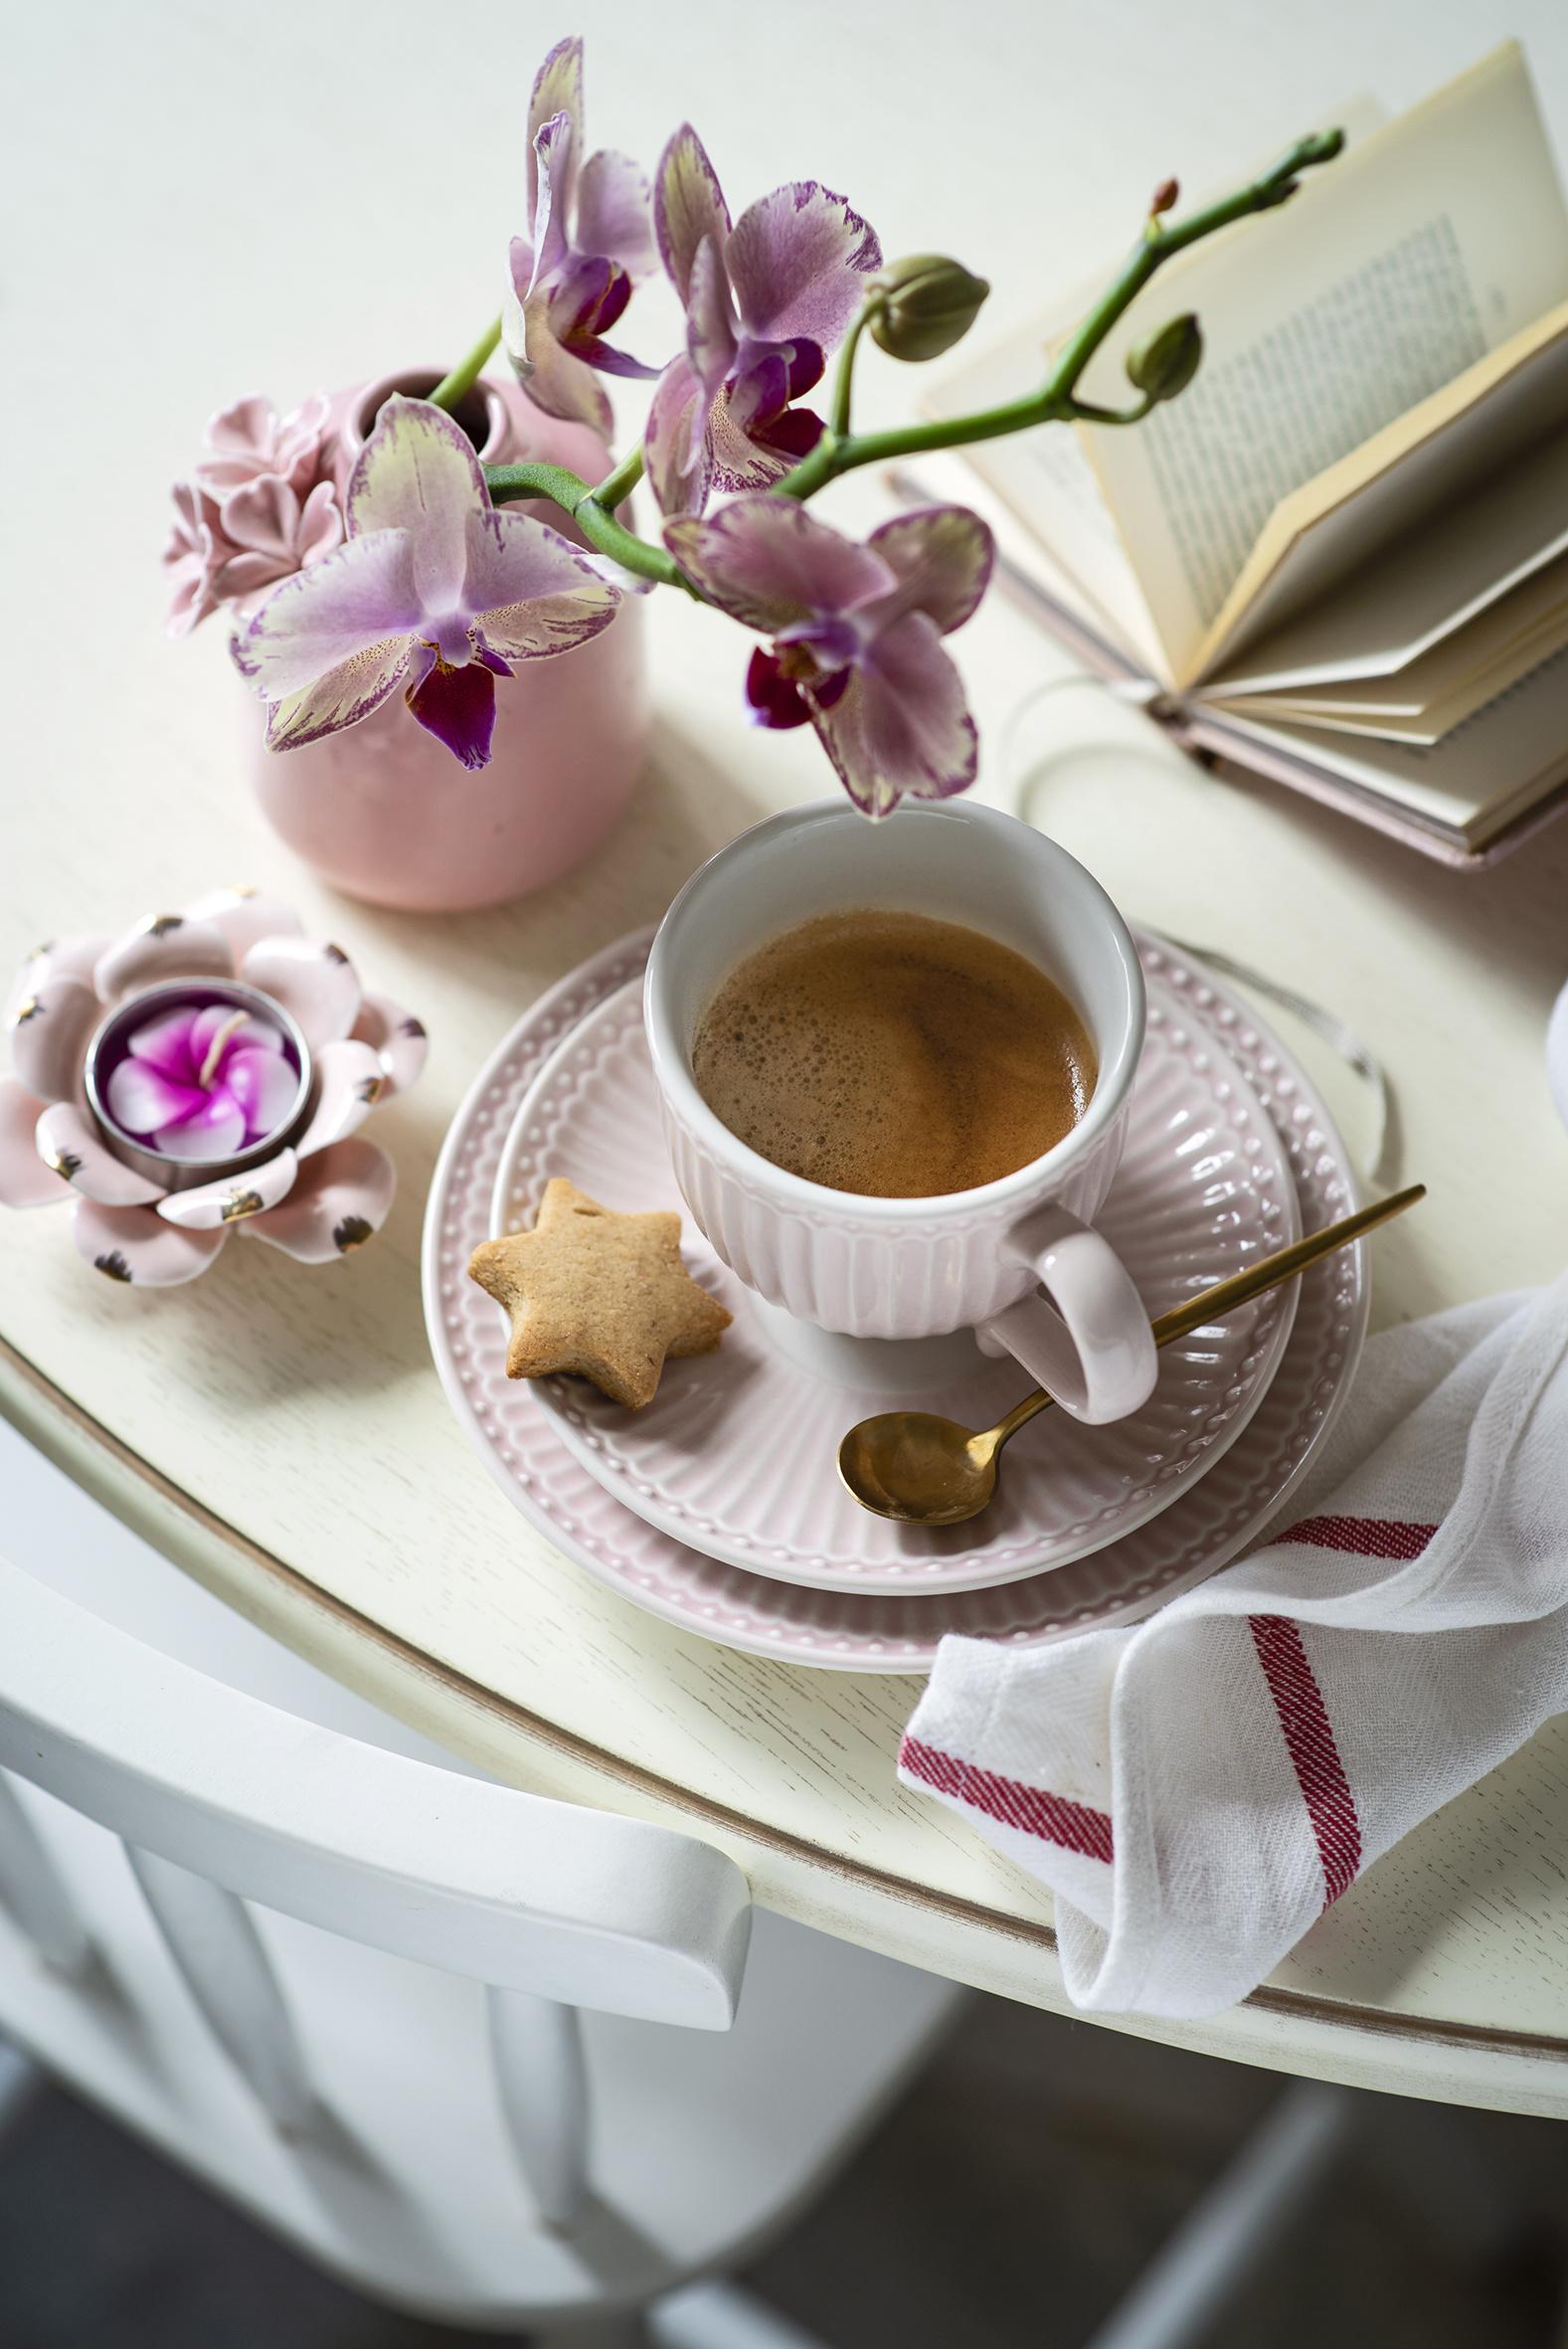 Фотография Кофе Орхидеи Цветы Чашка Ложка блюдца Печенье Продукты питания орхидея цветок Еда Пища ложки чашке Блюдце